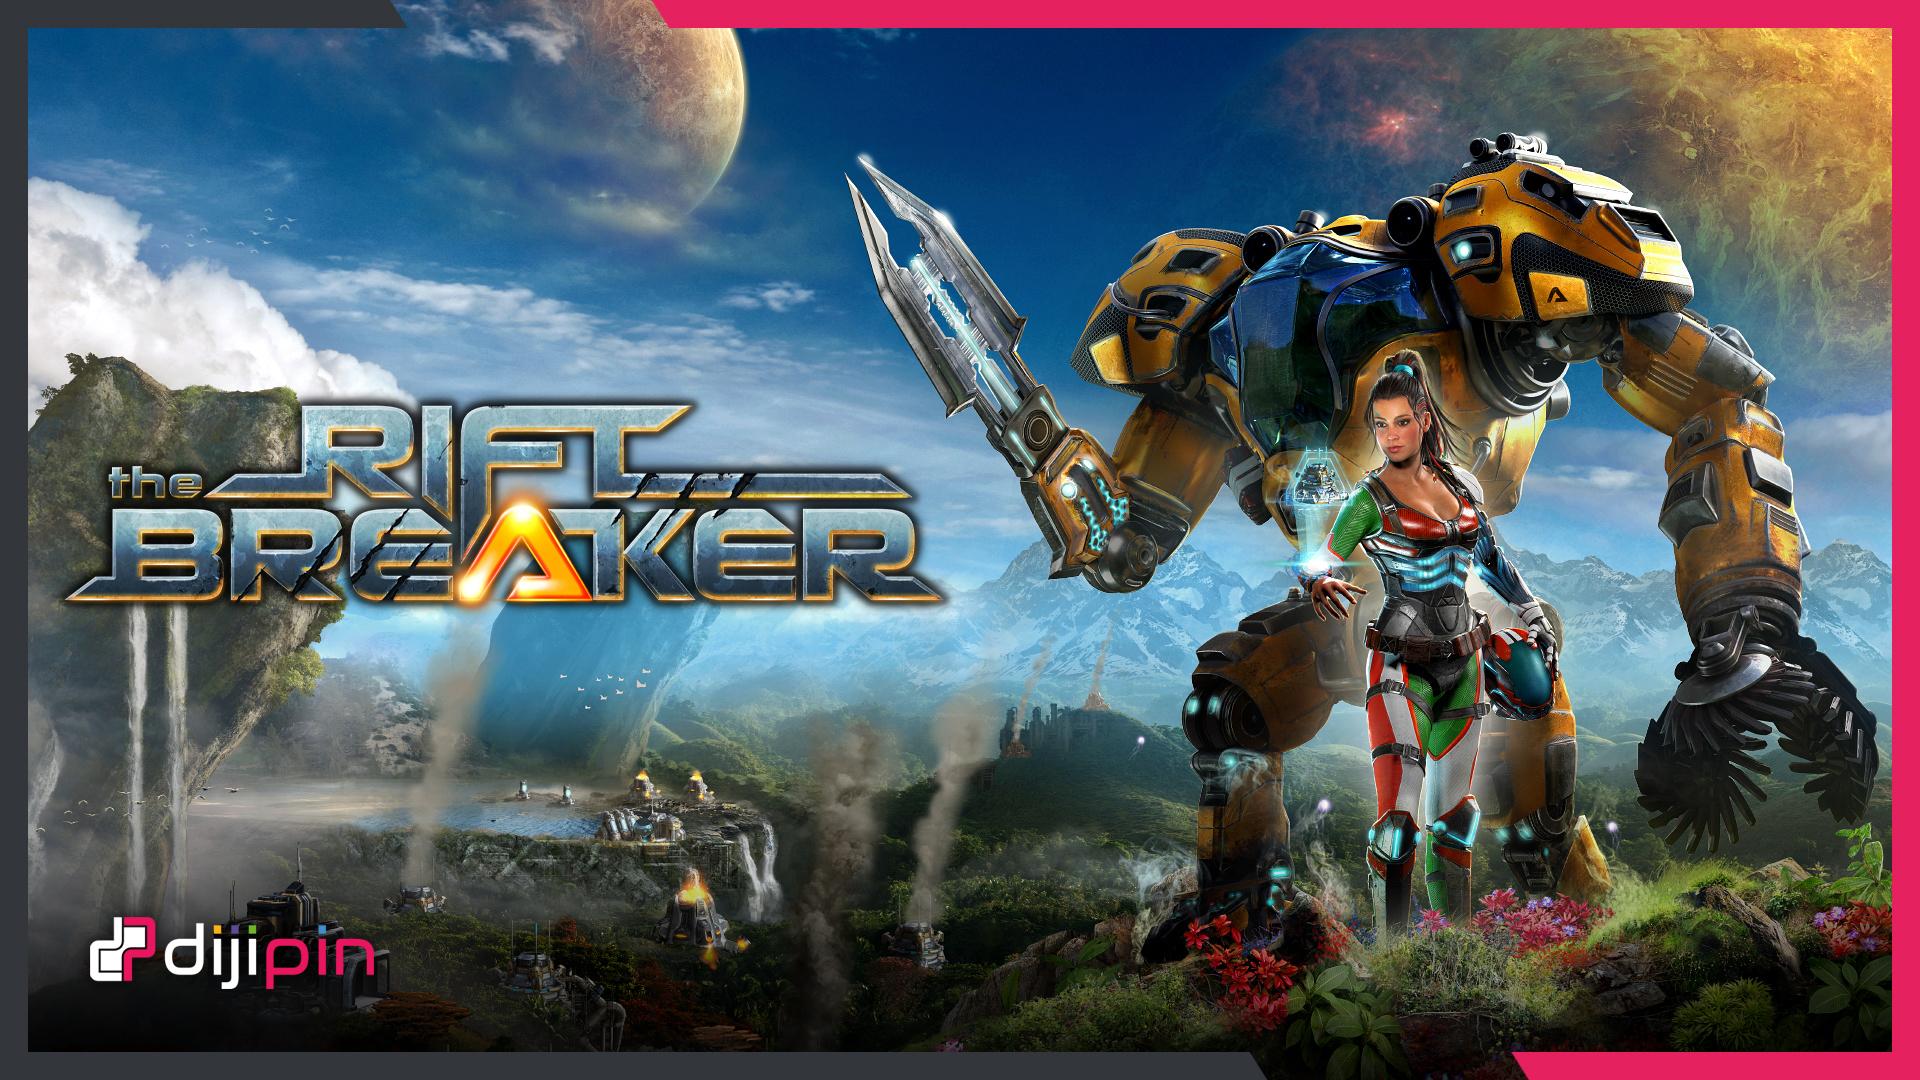 Çıktığı Gün Xbox Game Pass'e Gelecek: The Riftbreaker